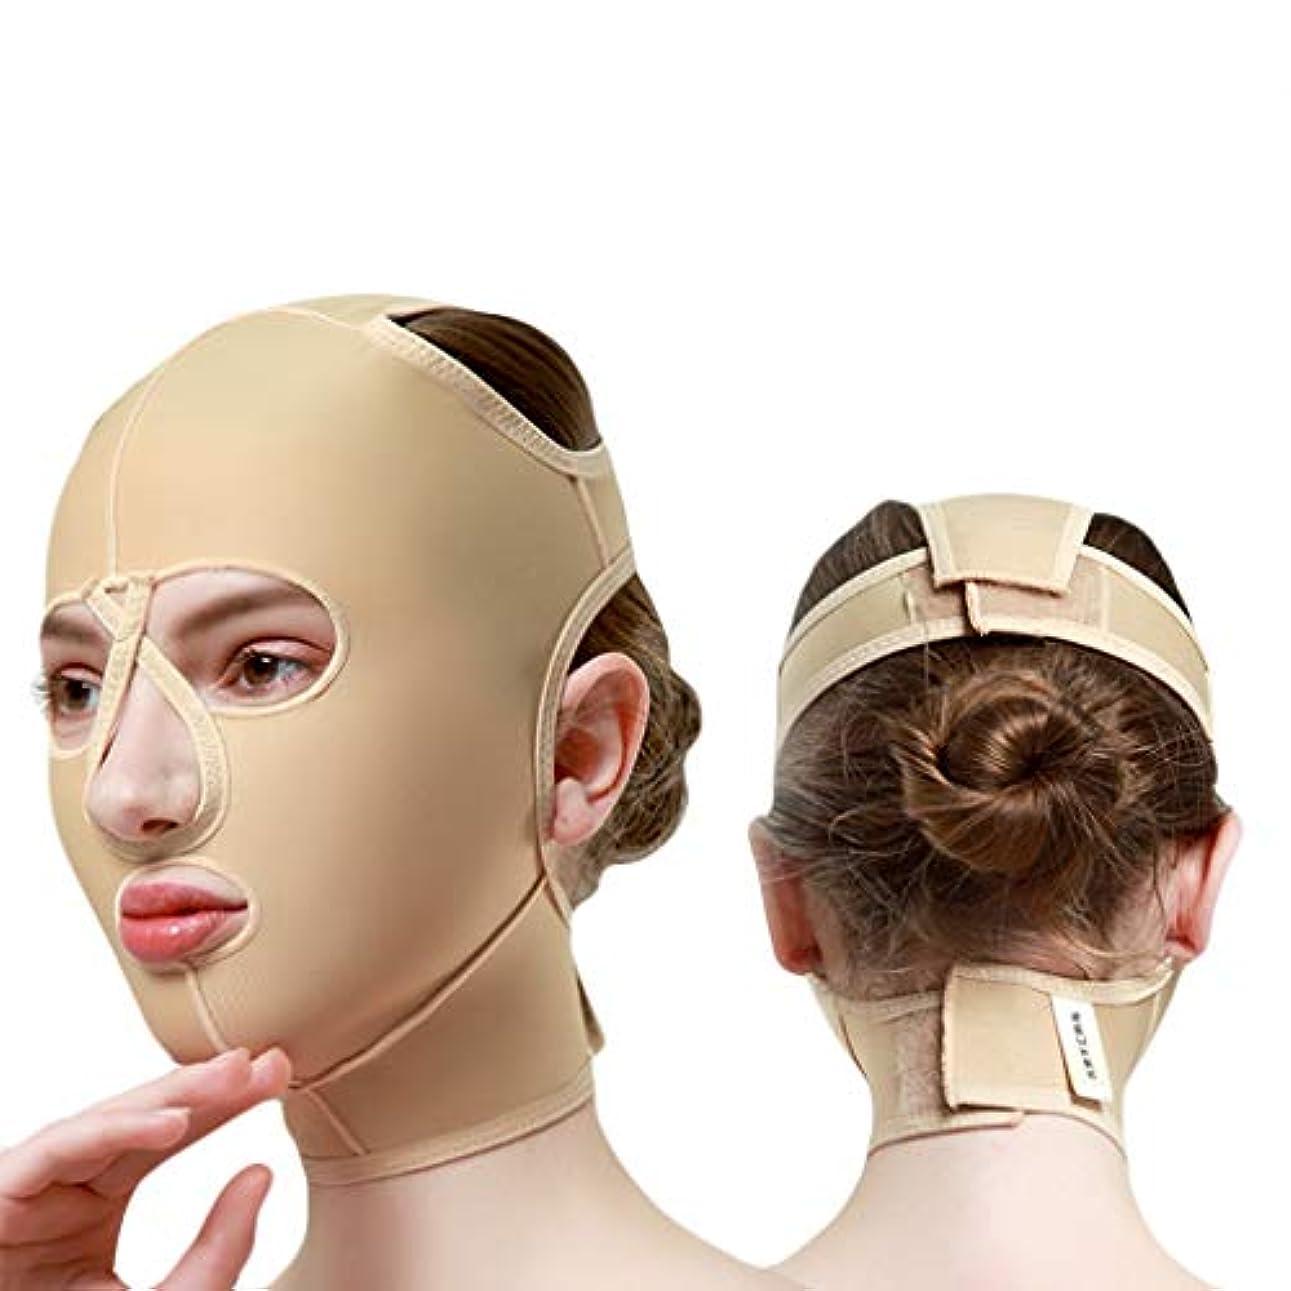 よろめくいっぱい重なるXHLMRMJ あごのストラップ、顔の彫刻ツール、リフティングマスク、ダブルチンリデューサー、フェイスリフティングエラスティックマスク女性 (Size : XL)